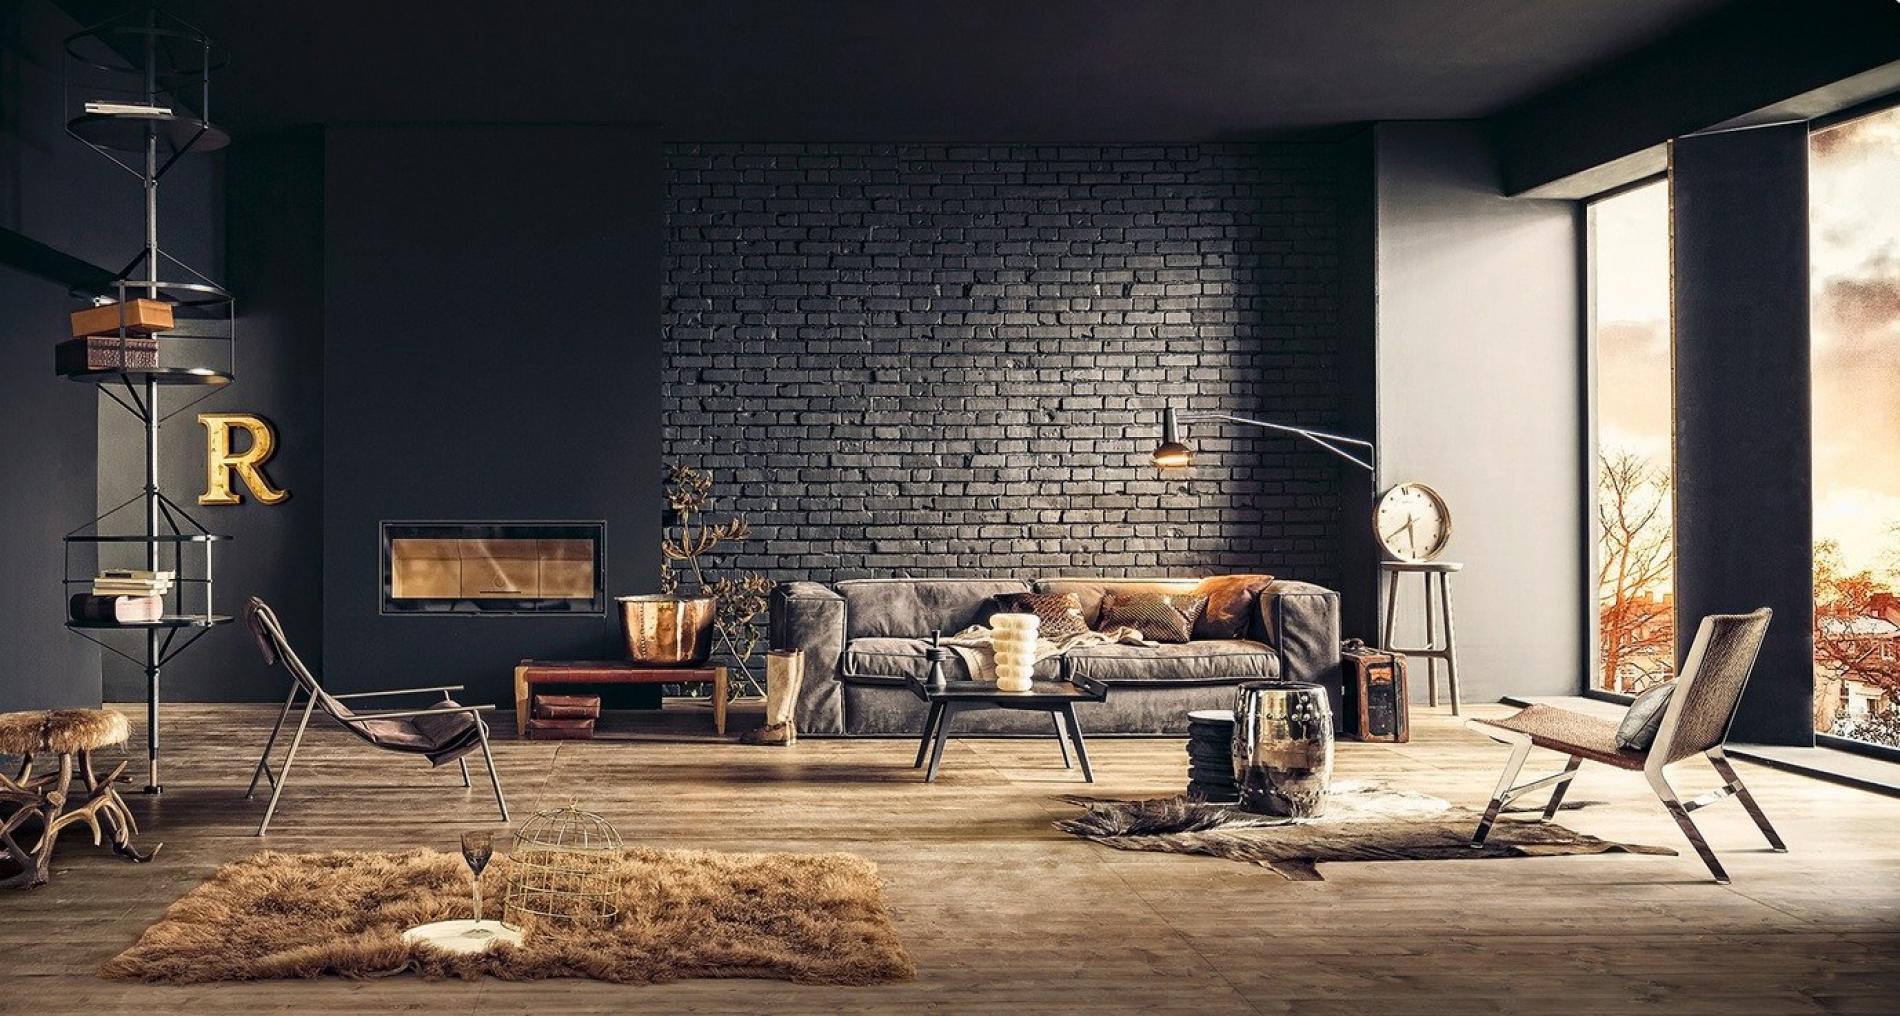 Decora O Industrial 2 Sala De Estar E Tv Decor Home Organizer -> Sala De Tv E Biblioteca